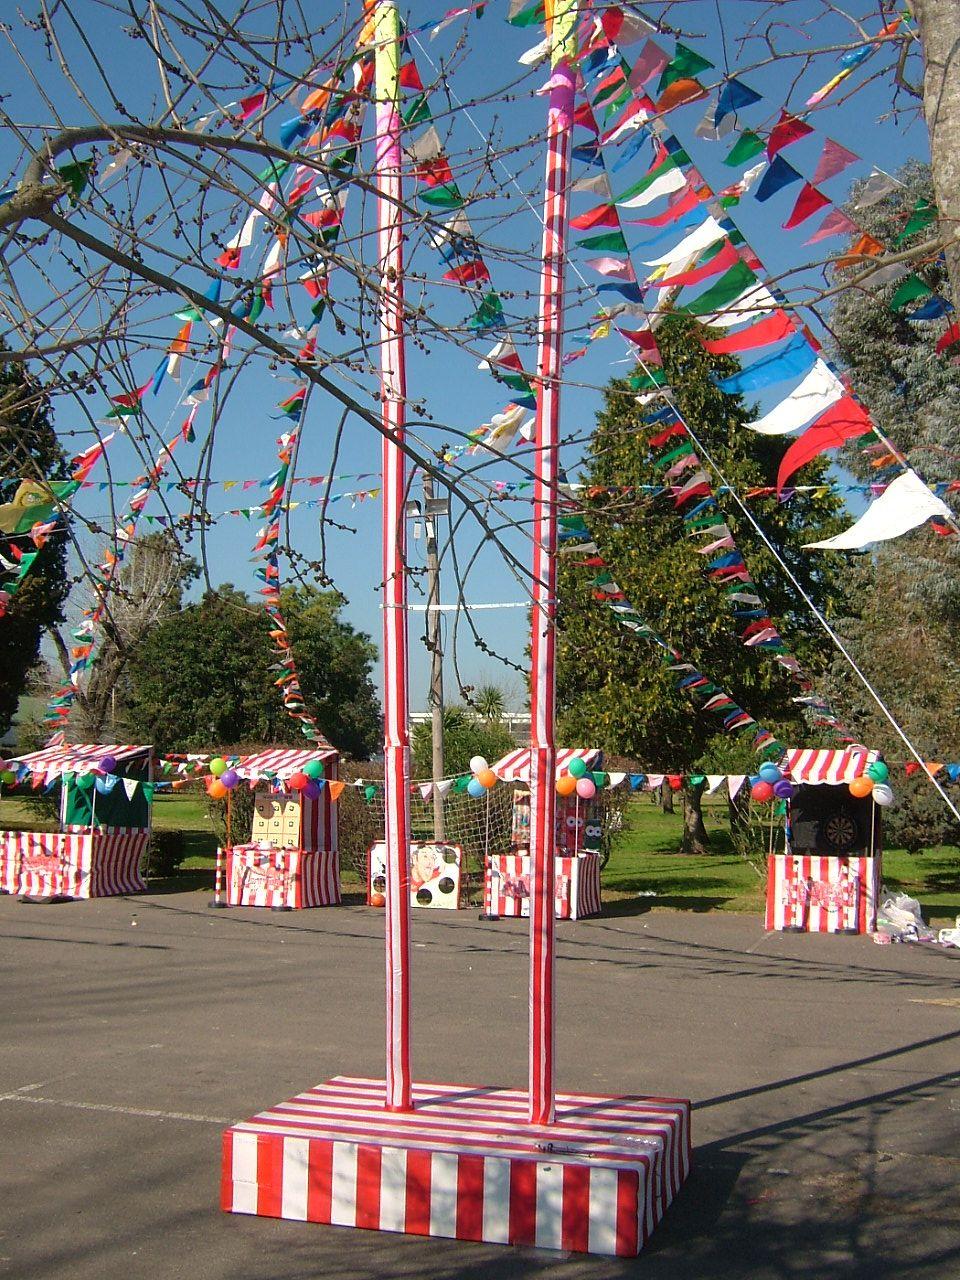 Productos Kermesse Time Puestos Y Juegos De Kermesse Para